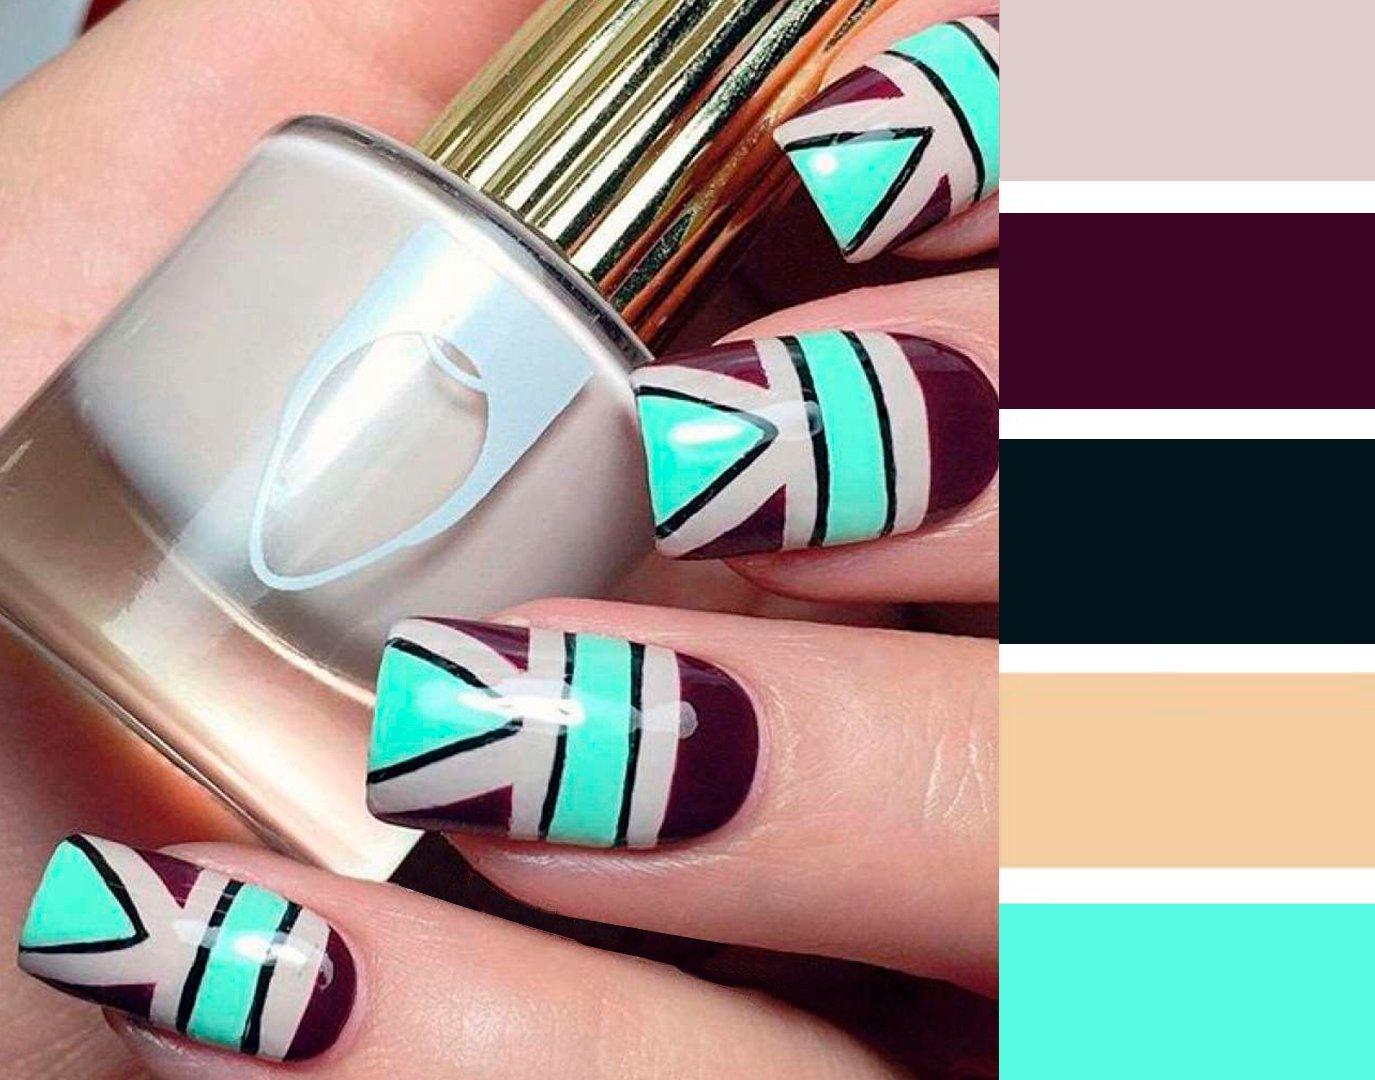 15 Combinaciones De Colores Para Una Manicura Perfecta - Colores-combinacion